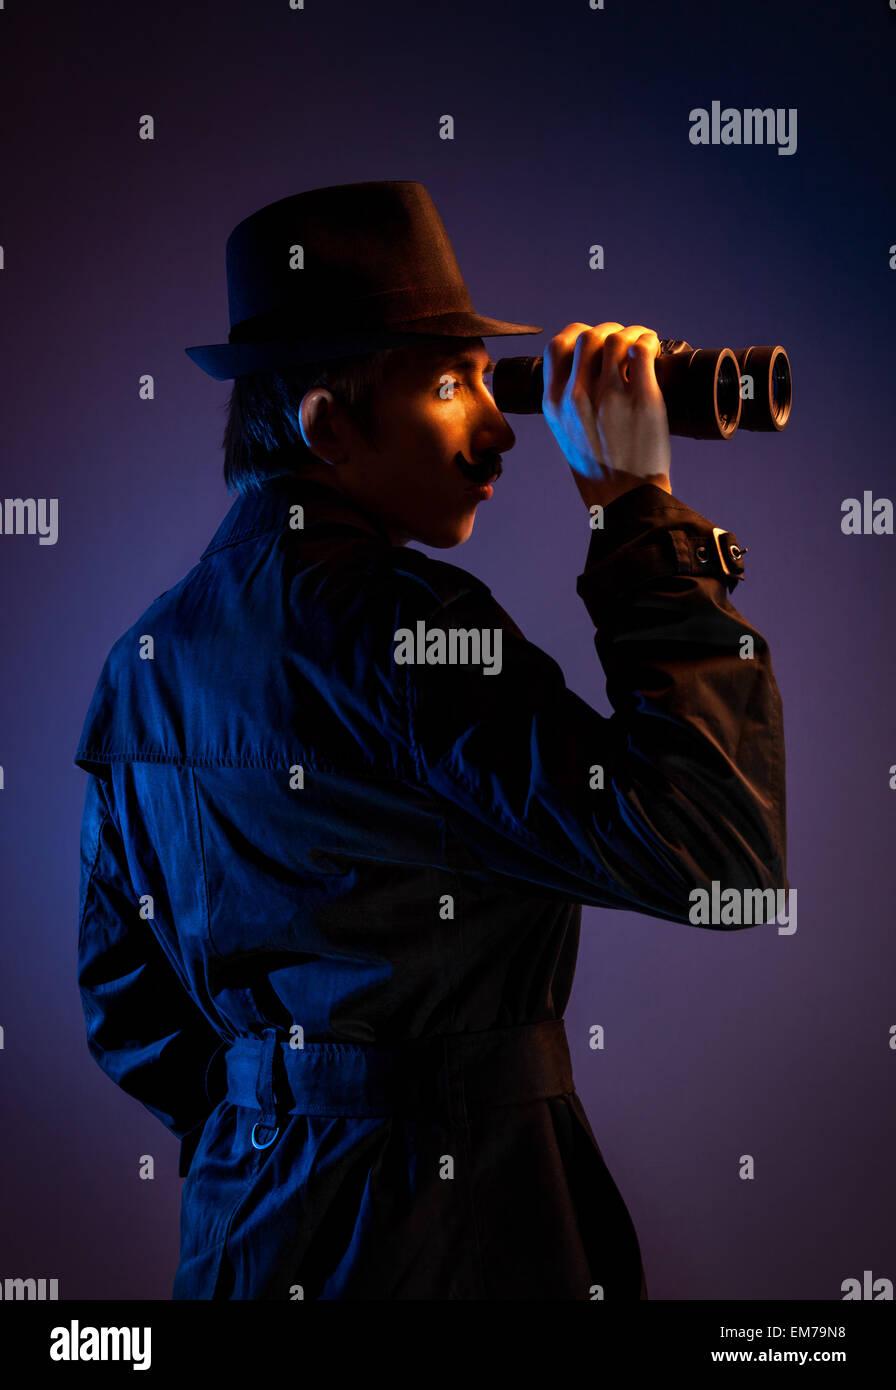 Hombre de negro sombrero con binoculares para espiar a alguien en fondo oscuro Imagen De Stock